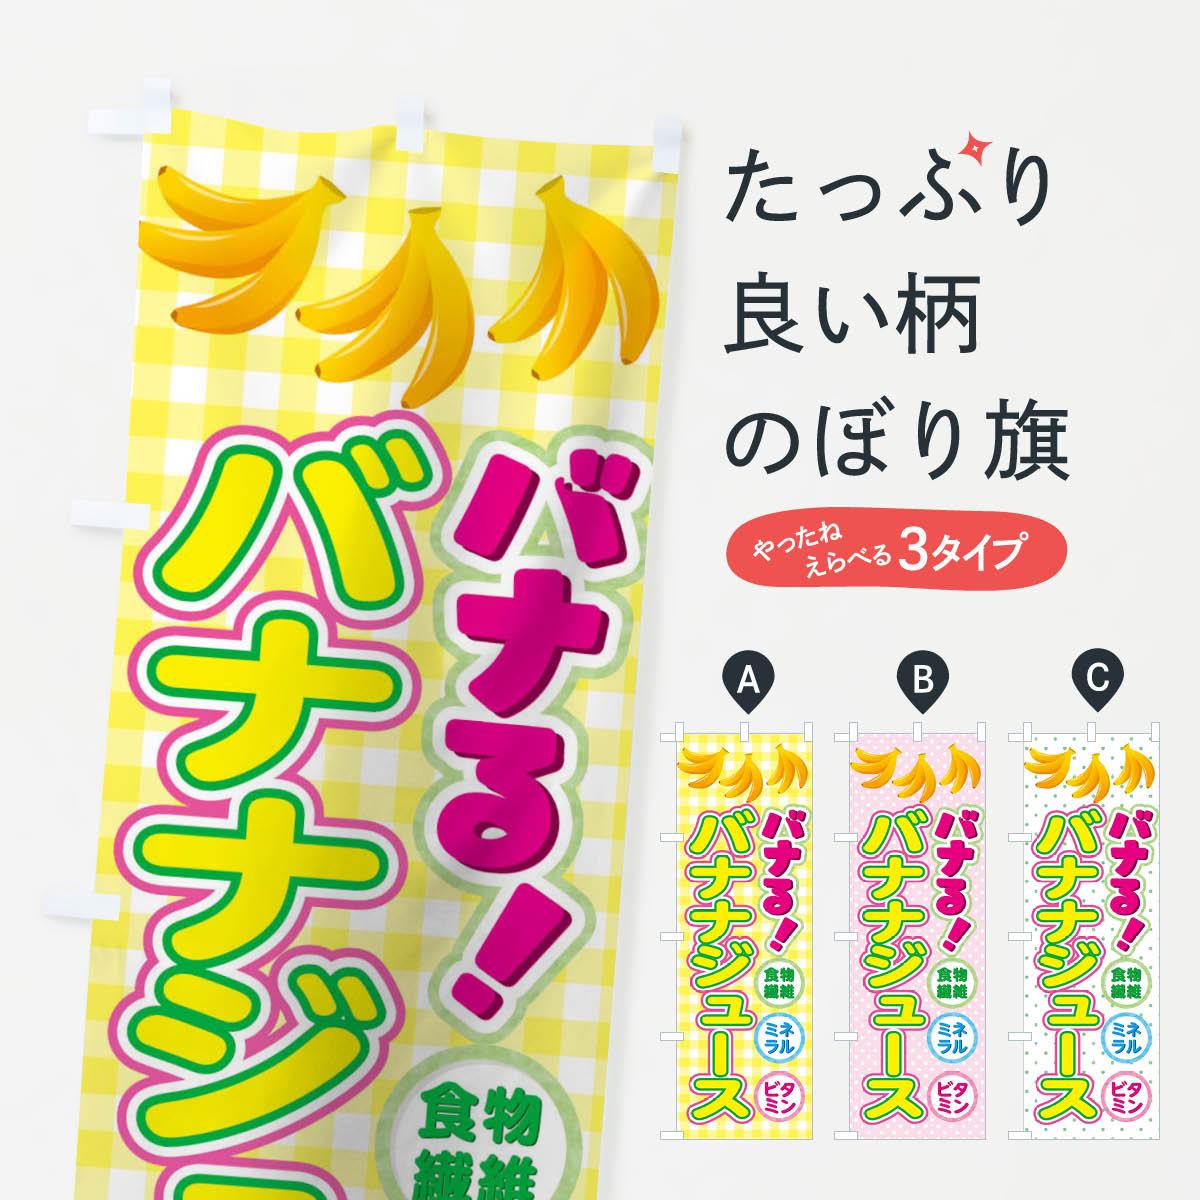 のぼり 横幕 バナナジュース 低価格に対して高品質とデザイン性で選ばれてます 各サイズや仕様にも対応 バナナジュースのぼり 直輸入品激安 TWN7 スーパーセール ネコポス送料360 フルーツジュース のぼり旗